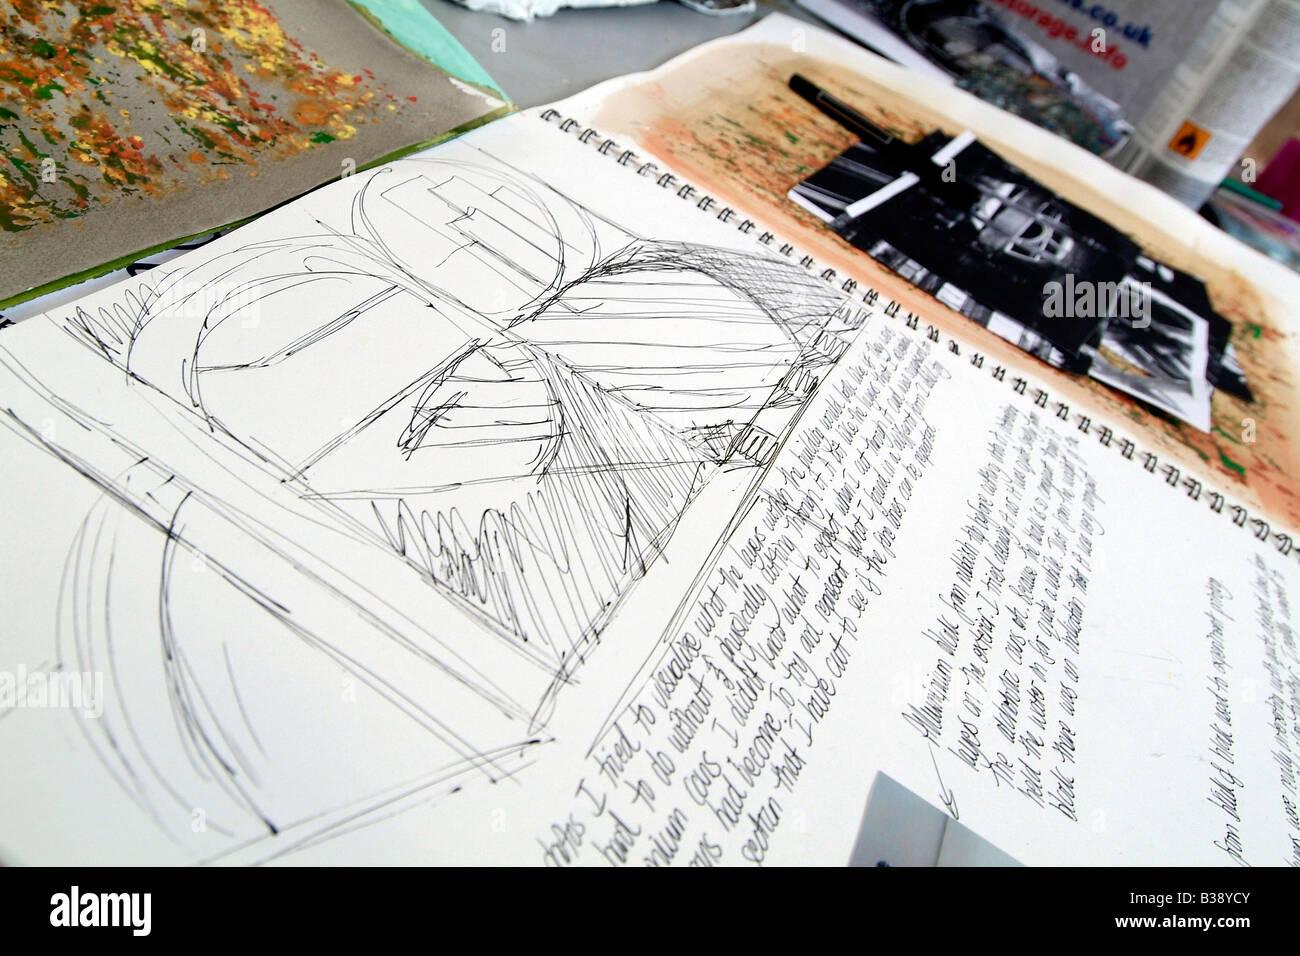 Cerca del estudiante de arte cuaderno de bocetos con lápiz ilustración del edificio Imagen De Stock